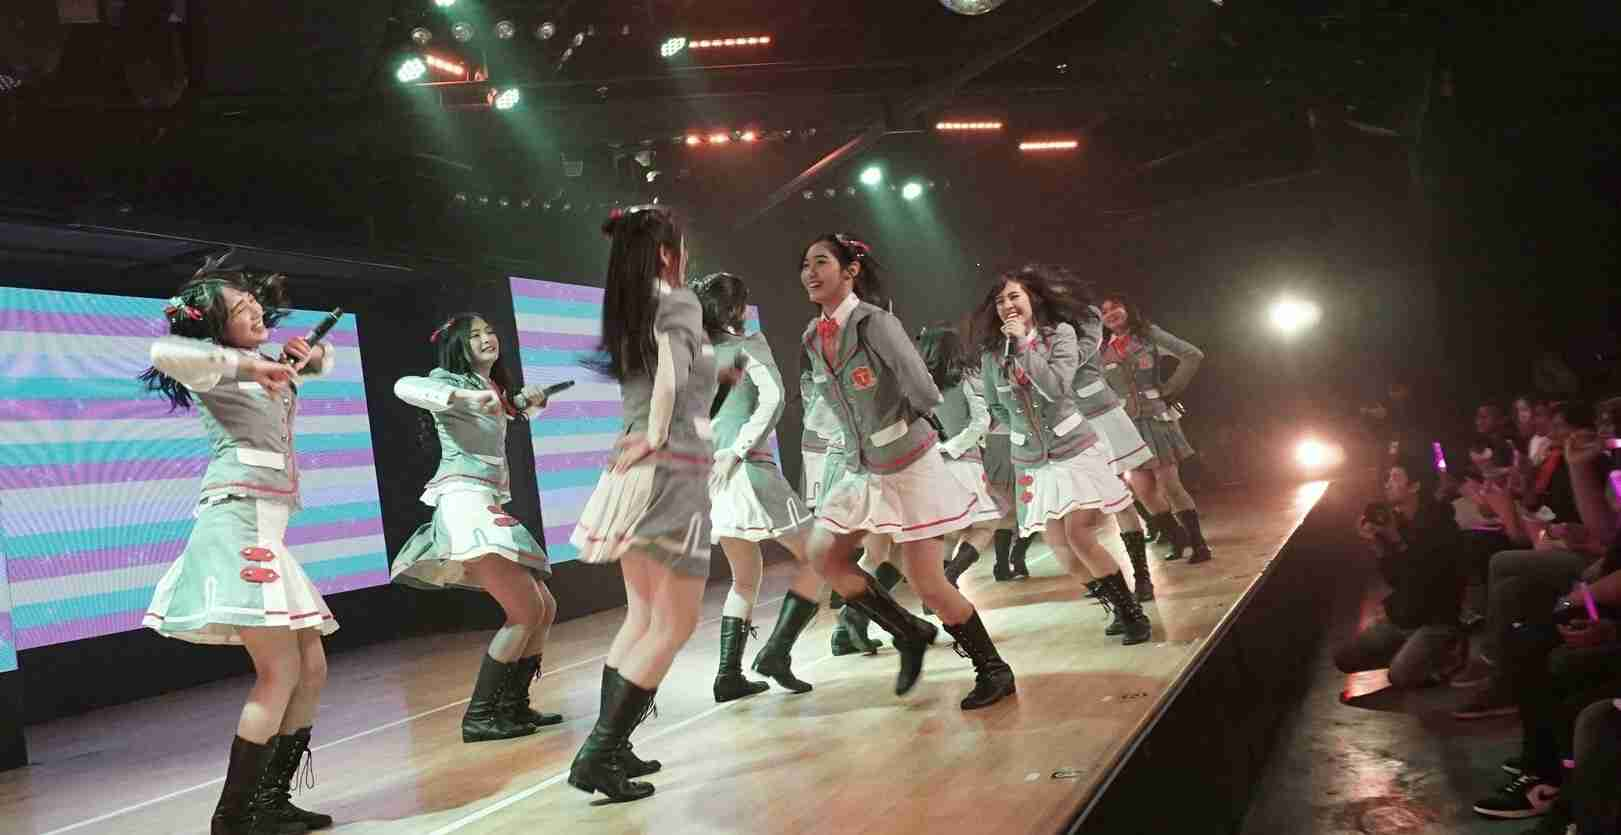 snm jkt48 seifuku no me theater panggung